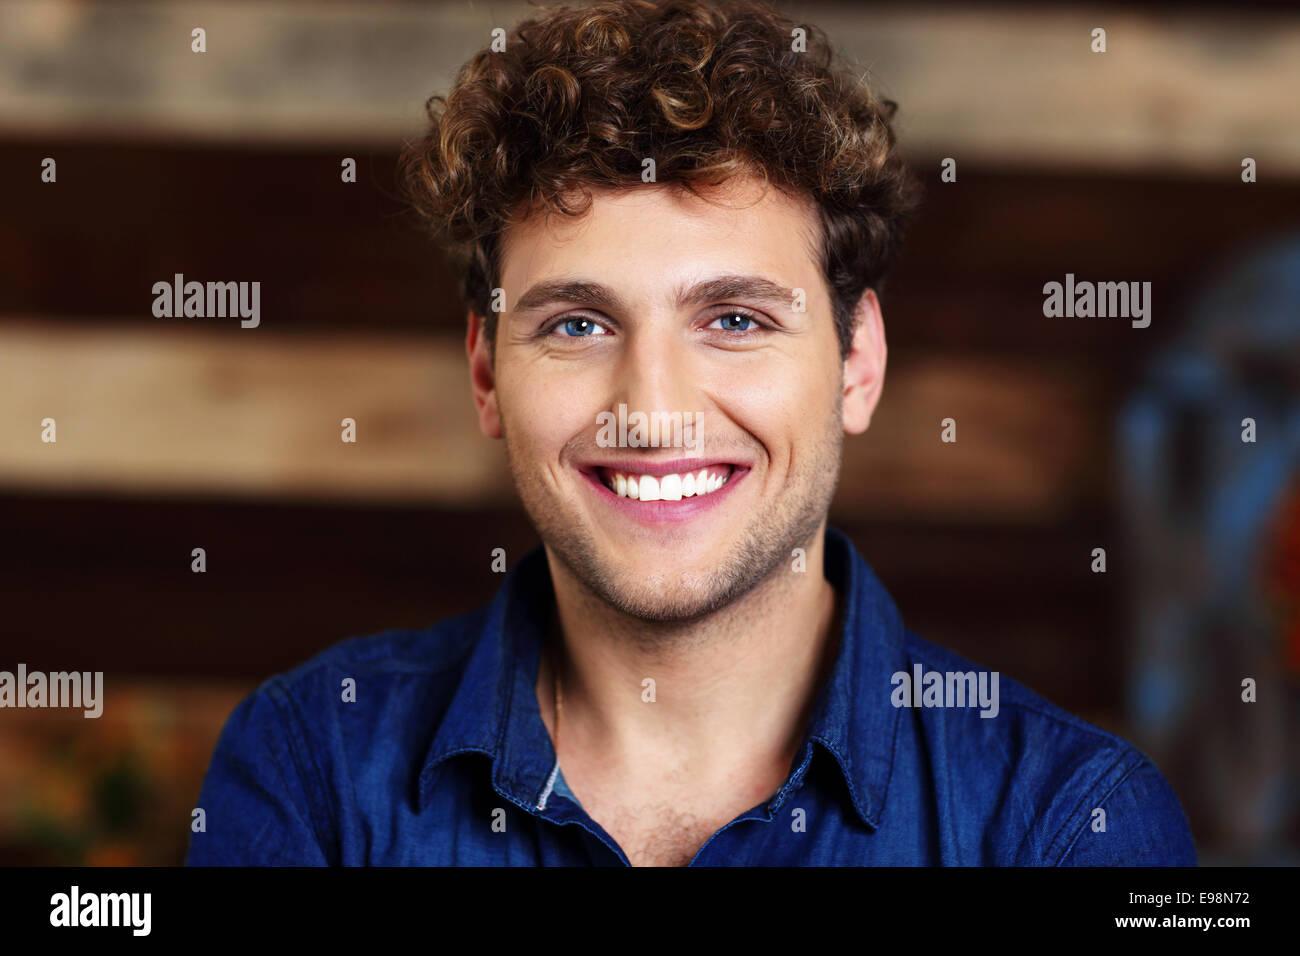 Porträt einer lächelnden gut aussehender Mann mit lockigem Haar Stockbild